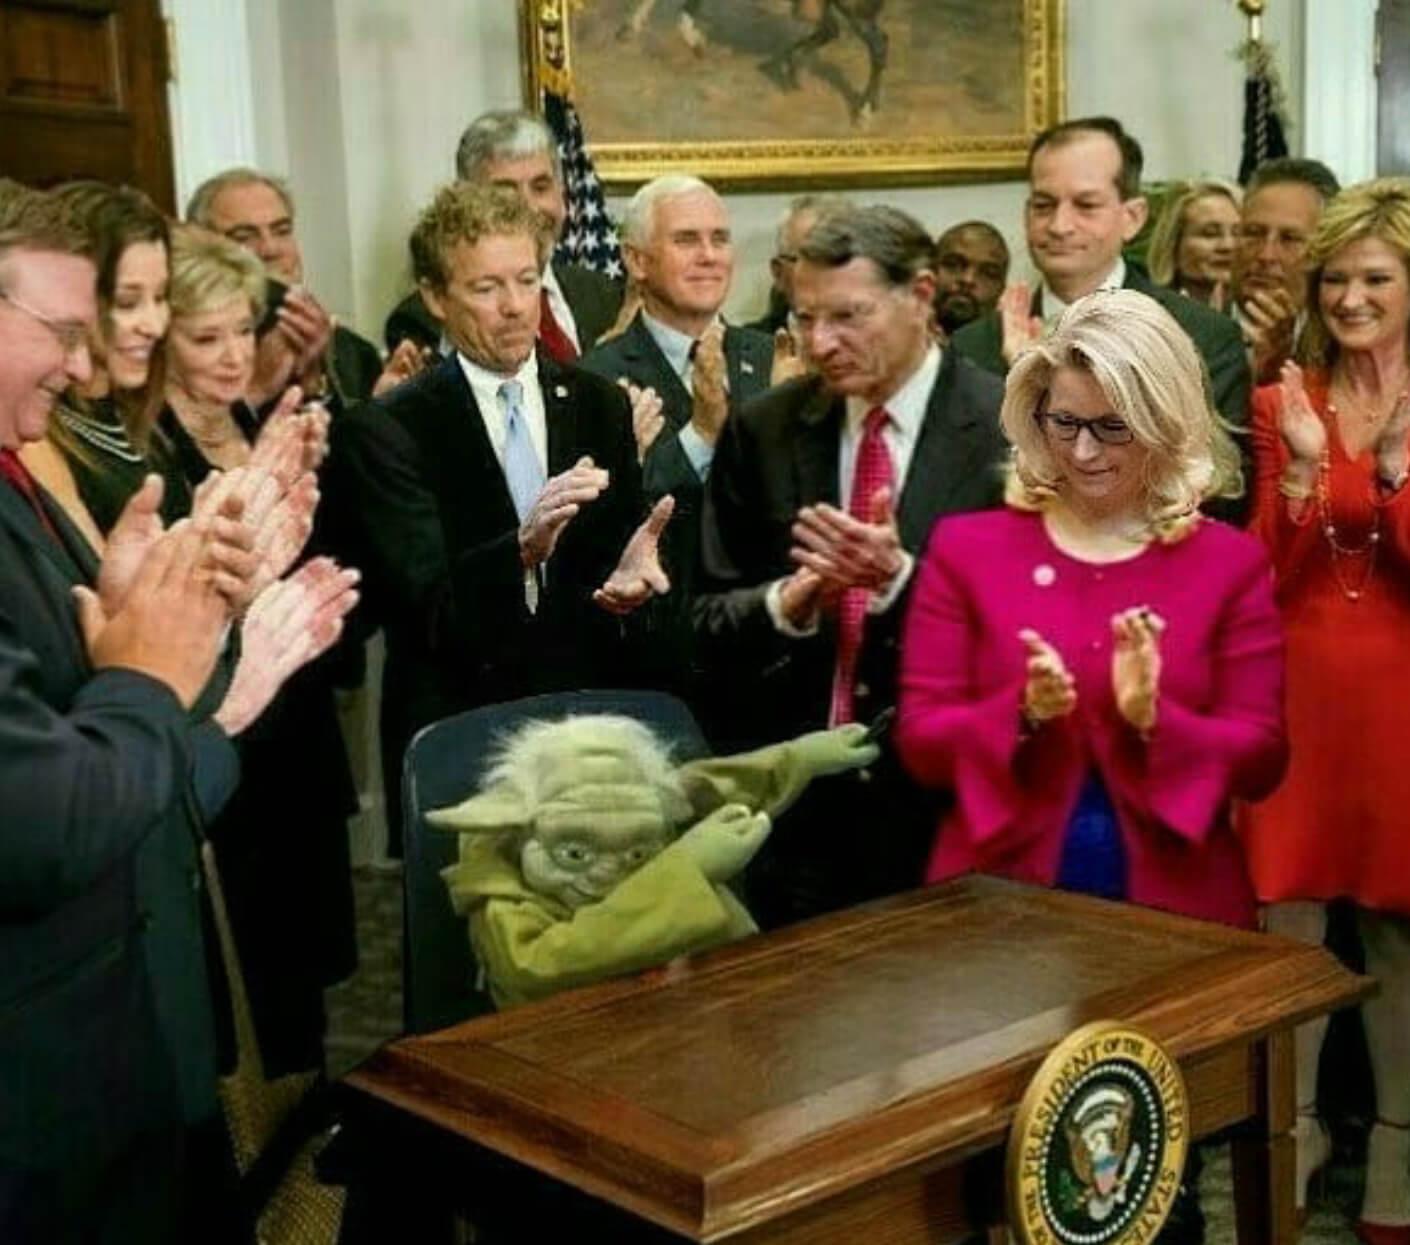 Ir a la pagina de la plantilla Yoda haciendo un dab | todos aplaudiéndole.